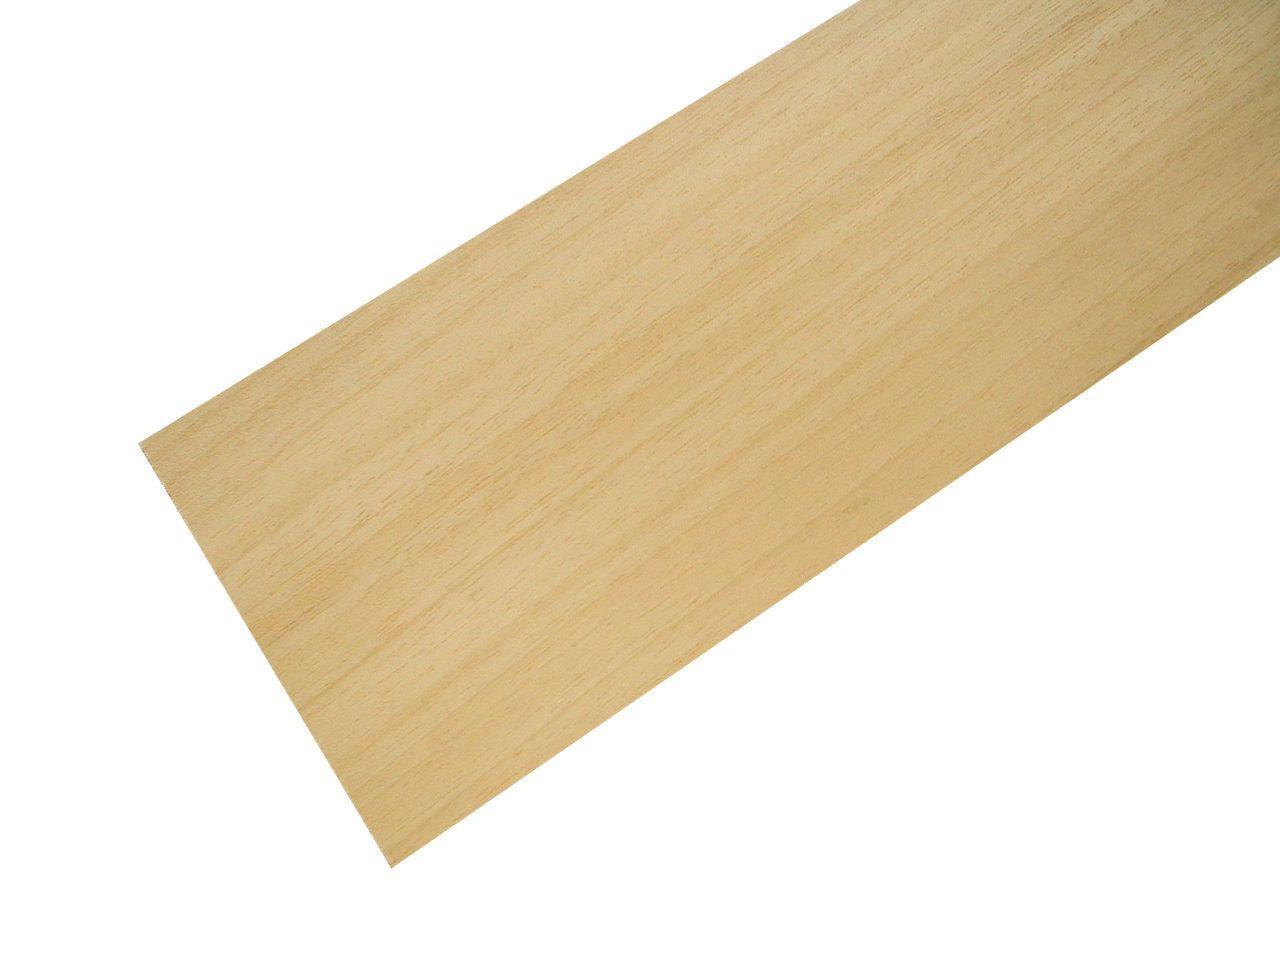 Obeche Wood Panels